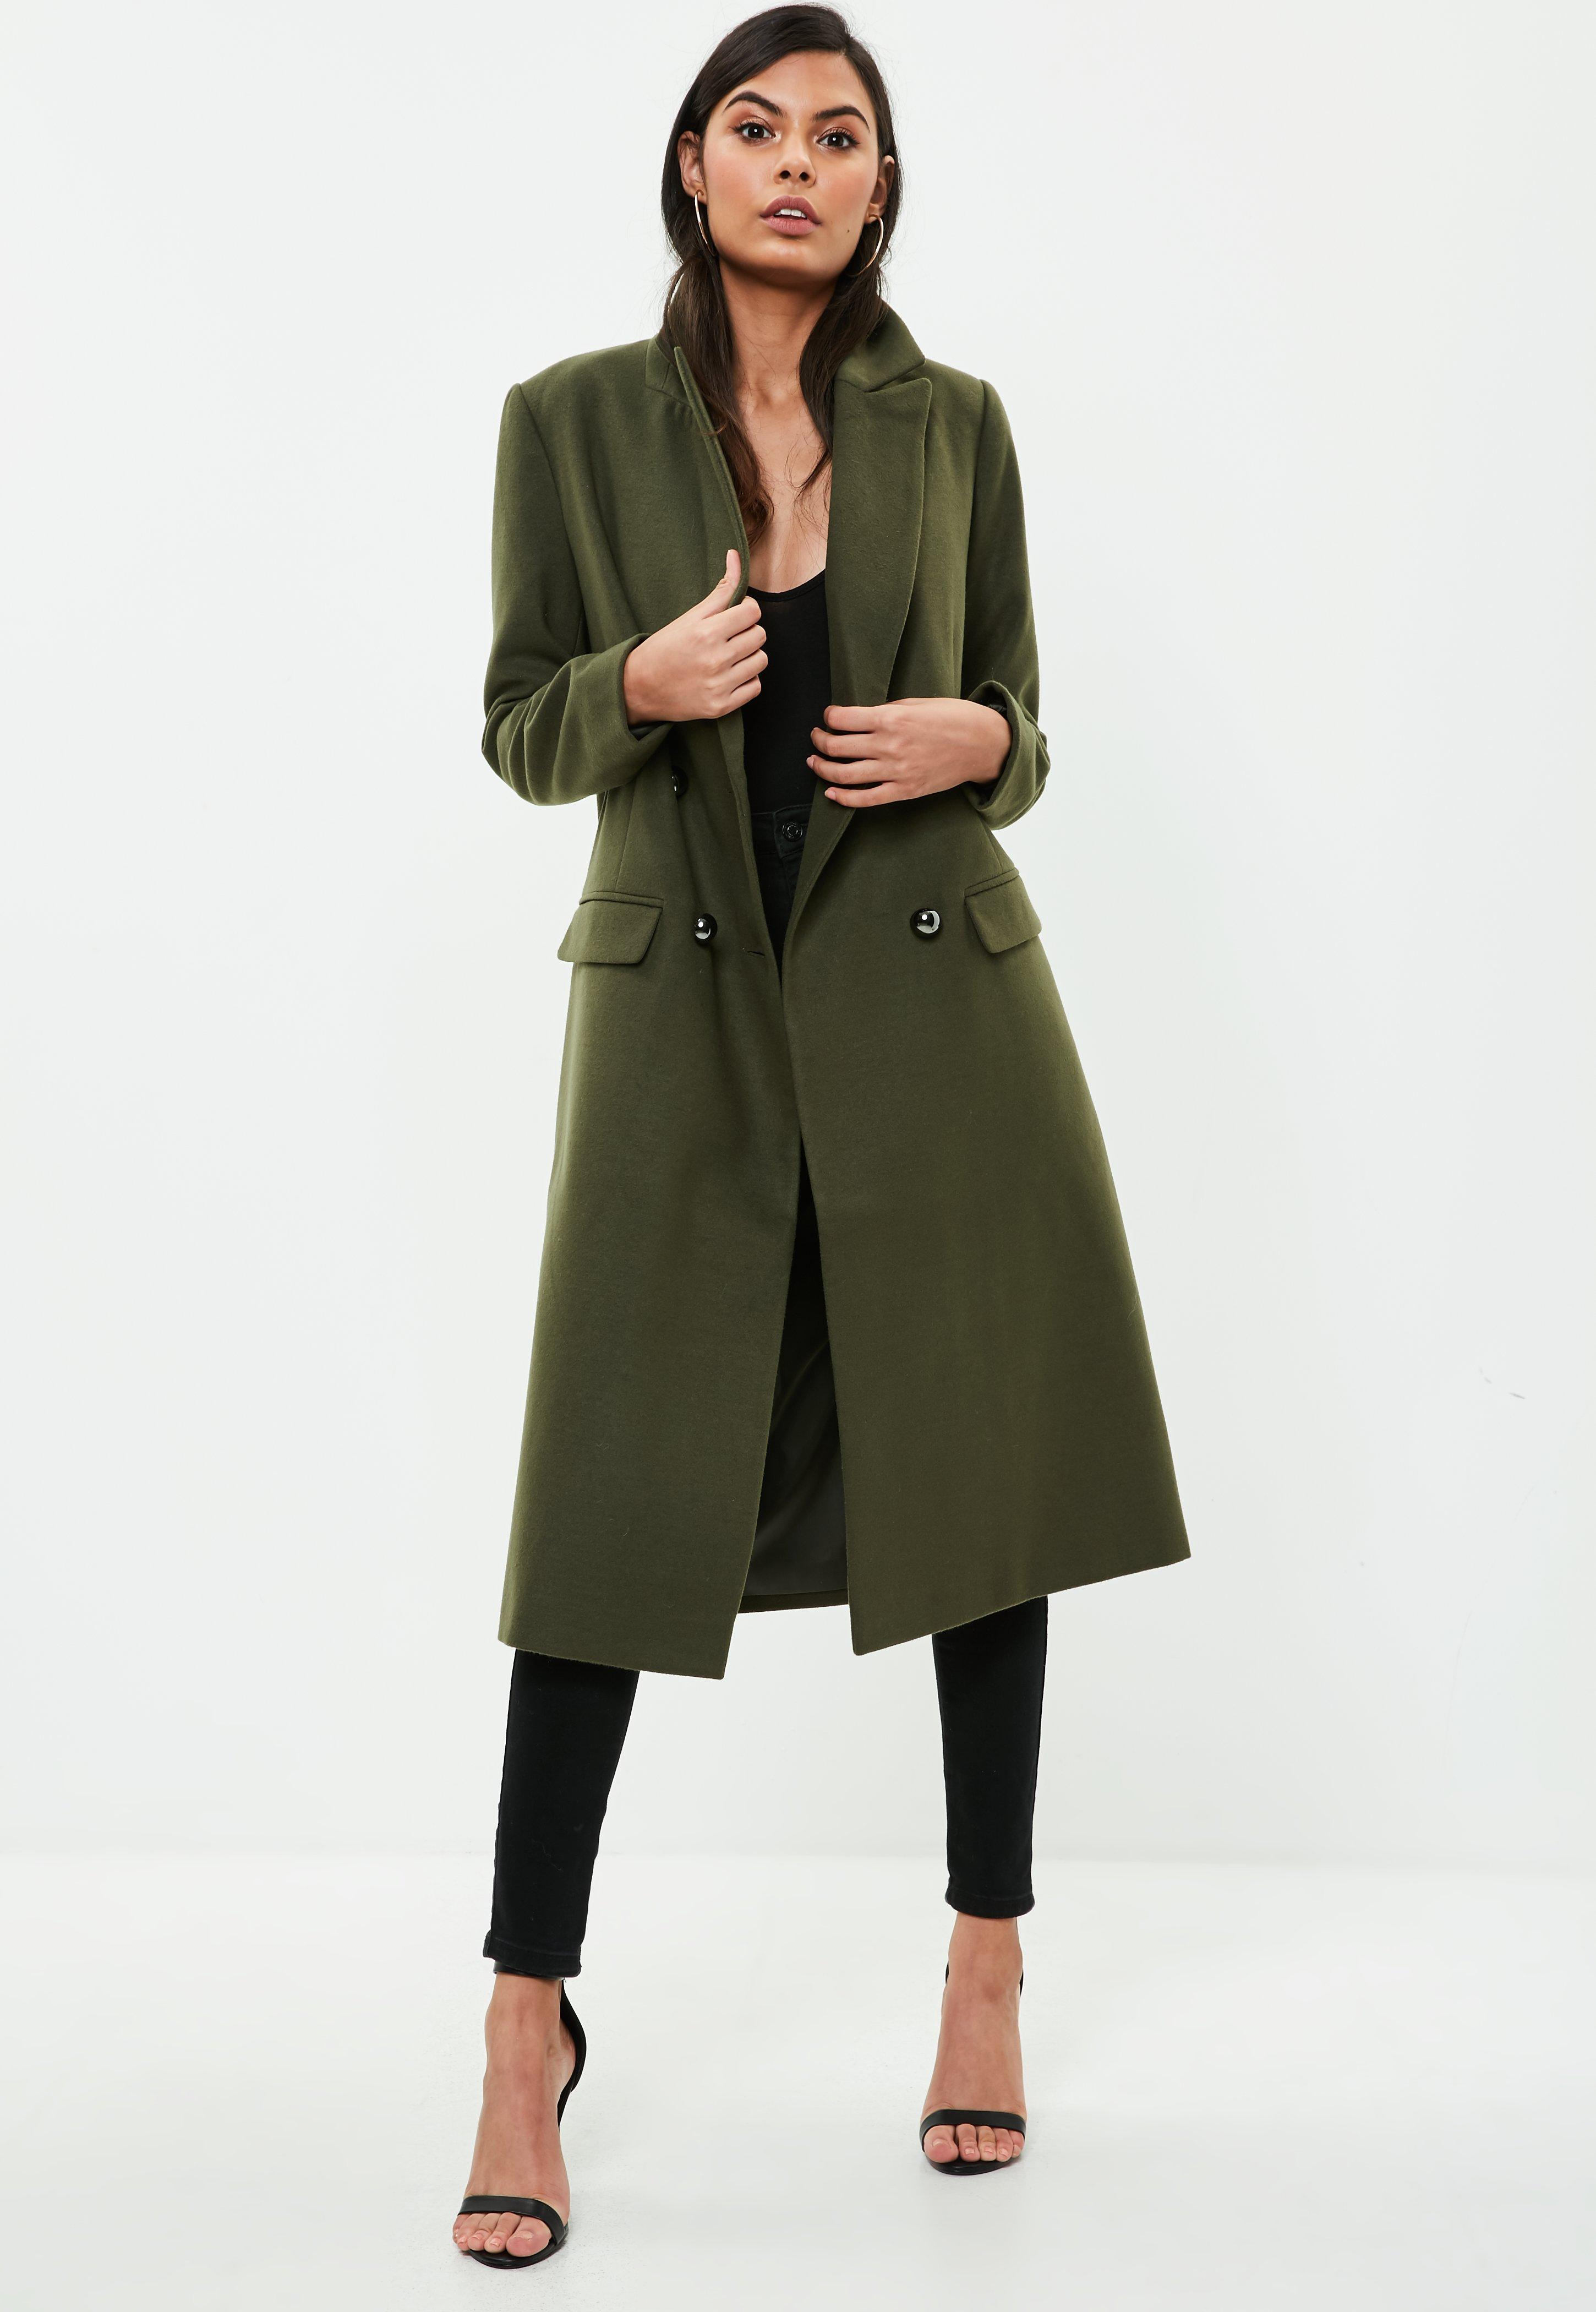 b81f2b322898 Lyst - Missguided Khaki Faux Wool Military Coat in Green